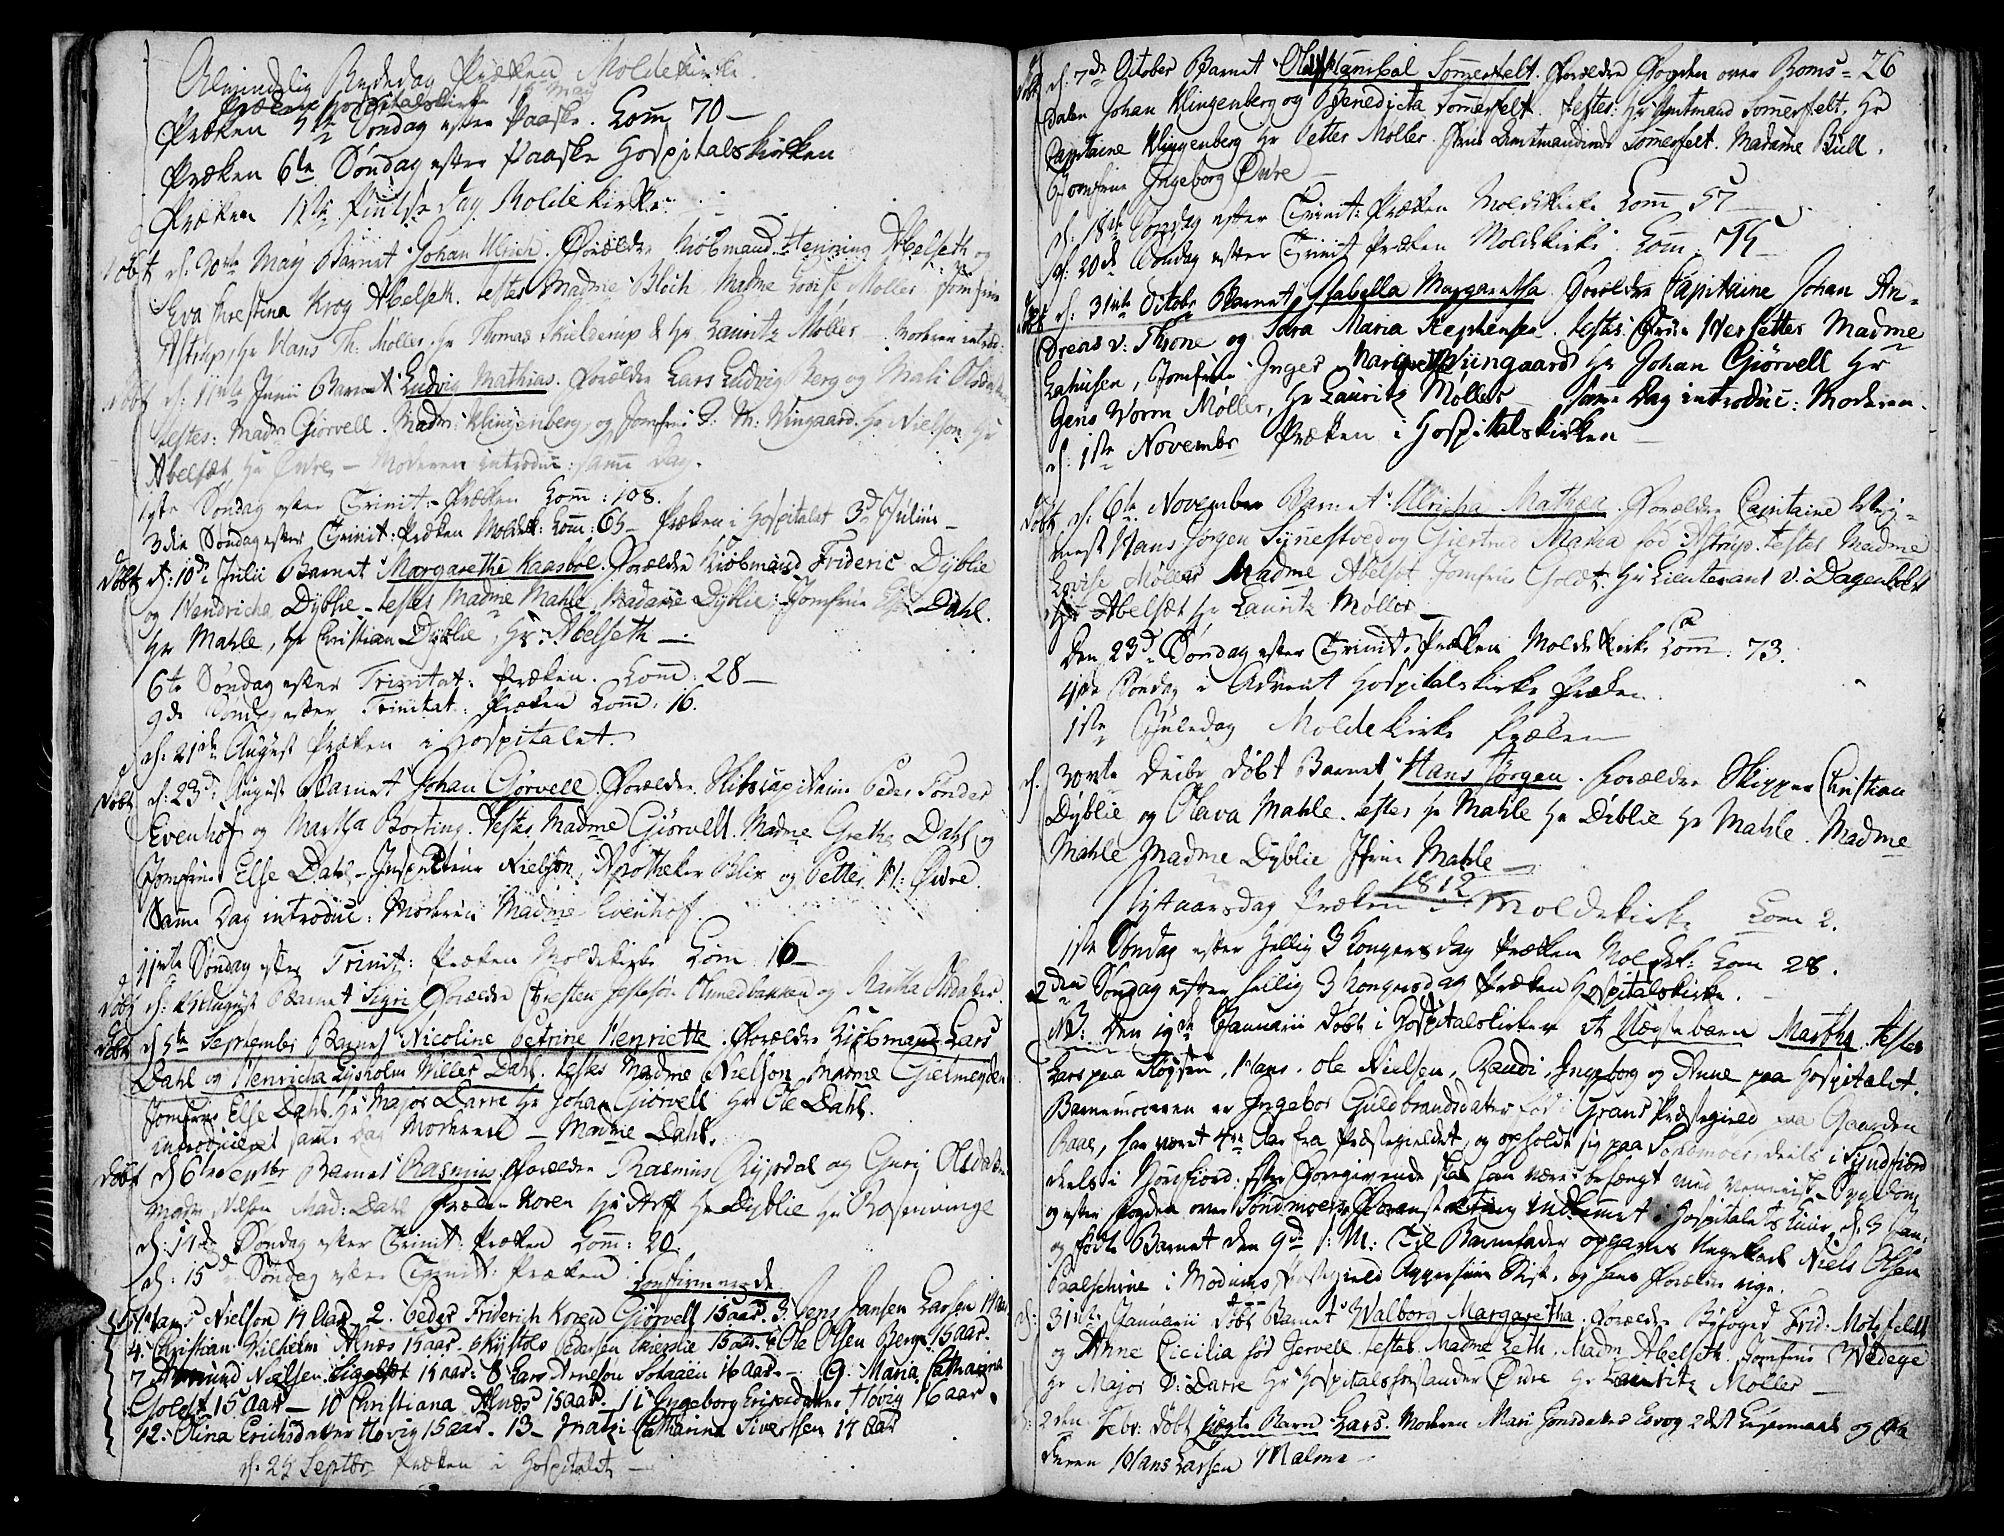 SAT, Ministerialprotokoller, klokkerbøker og fødselsregistre - Møre og Romsdal, 558/L0687: Ministerialbok nr. 558A01, 1798-1818, s. 26